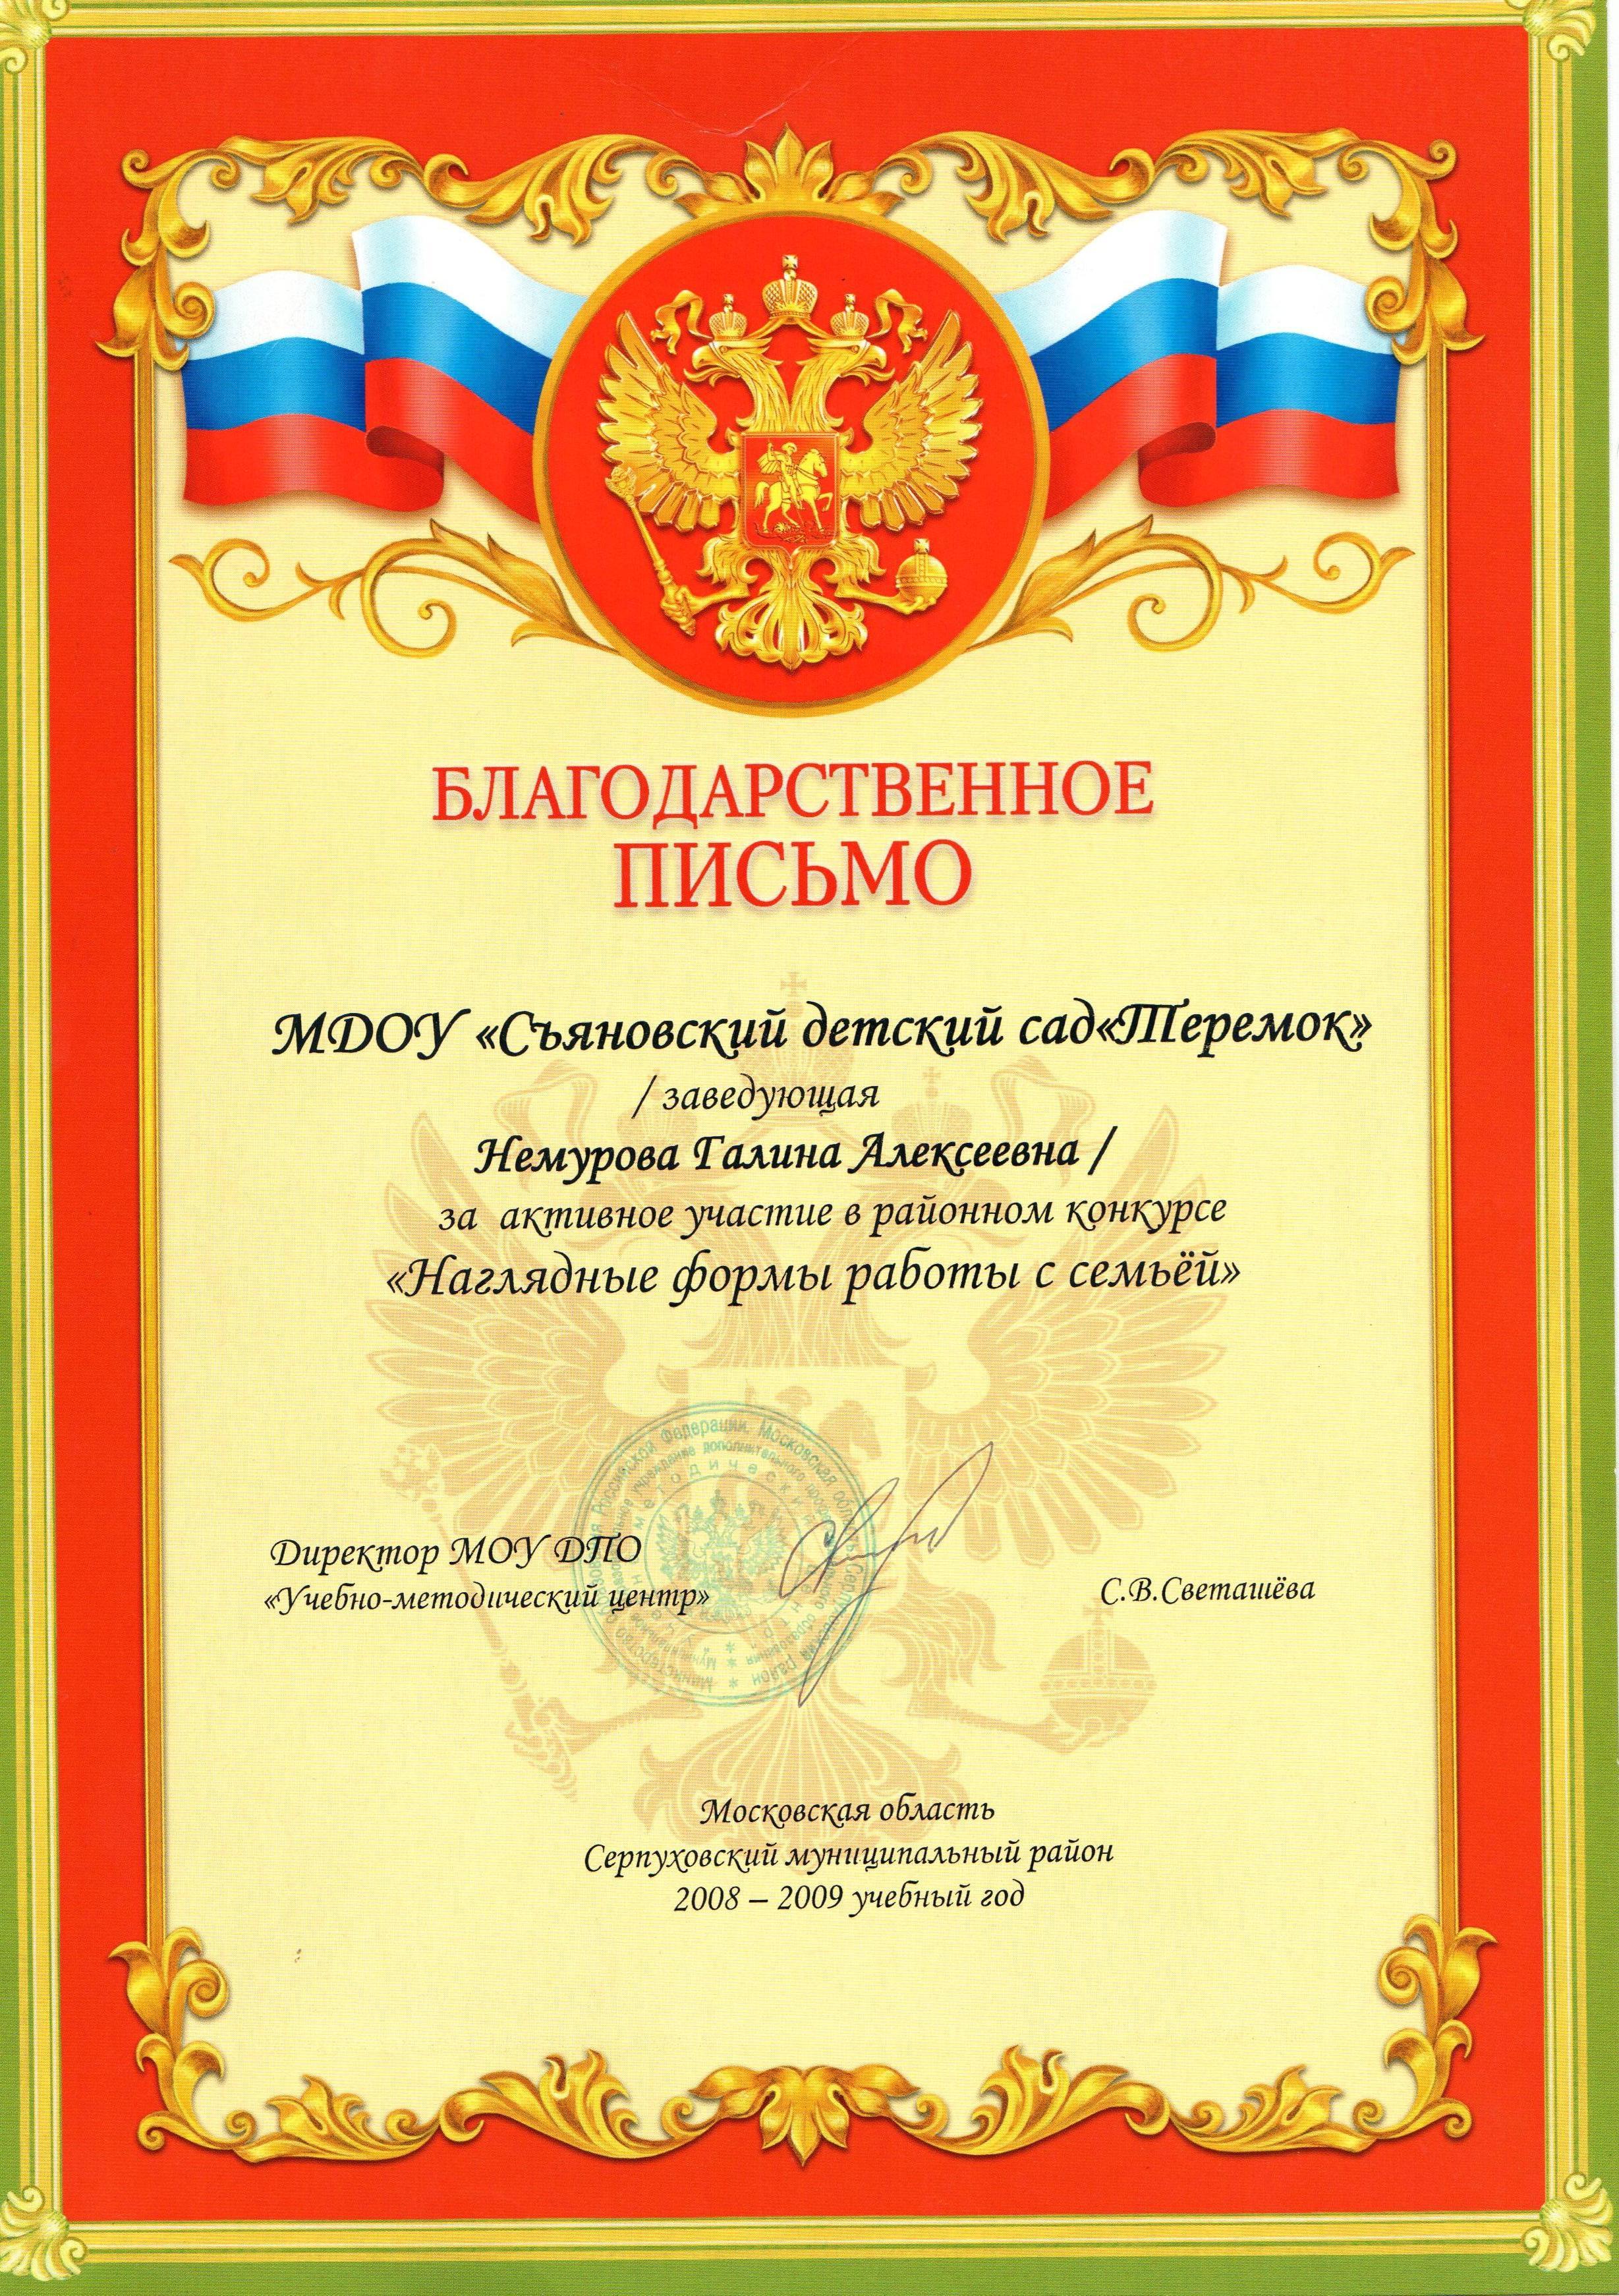 http://teremok-serpreg.my1.ru/20121009_232904.jpg